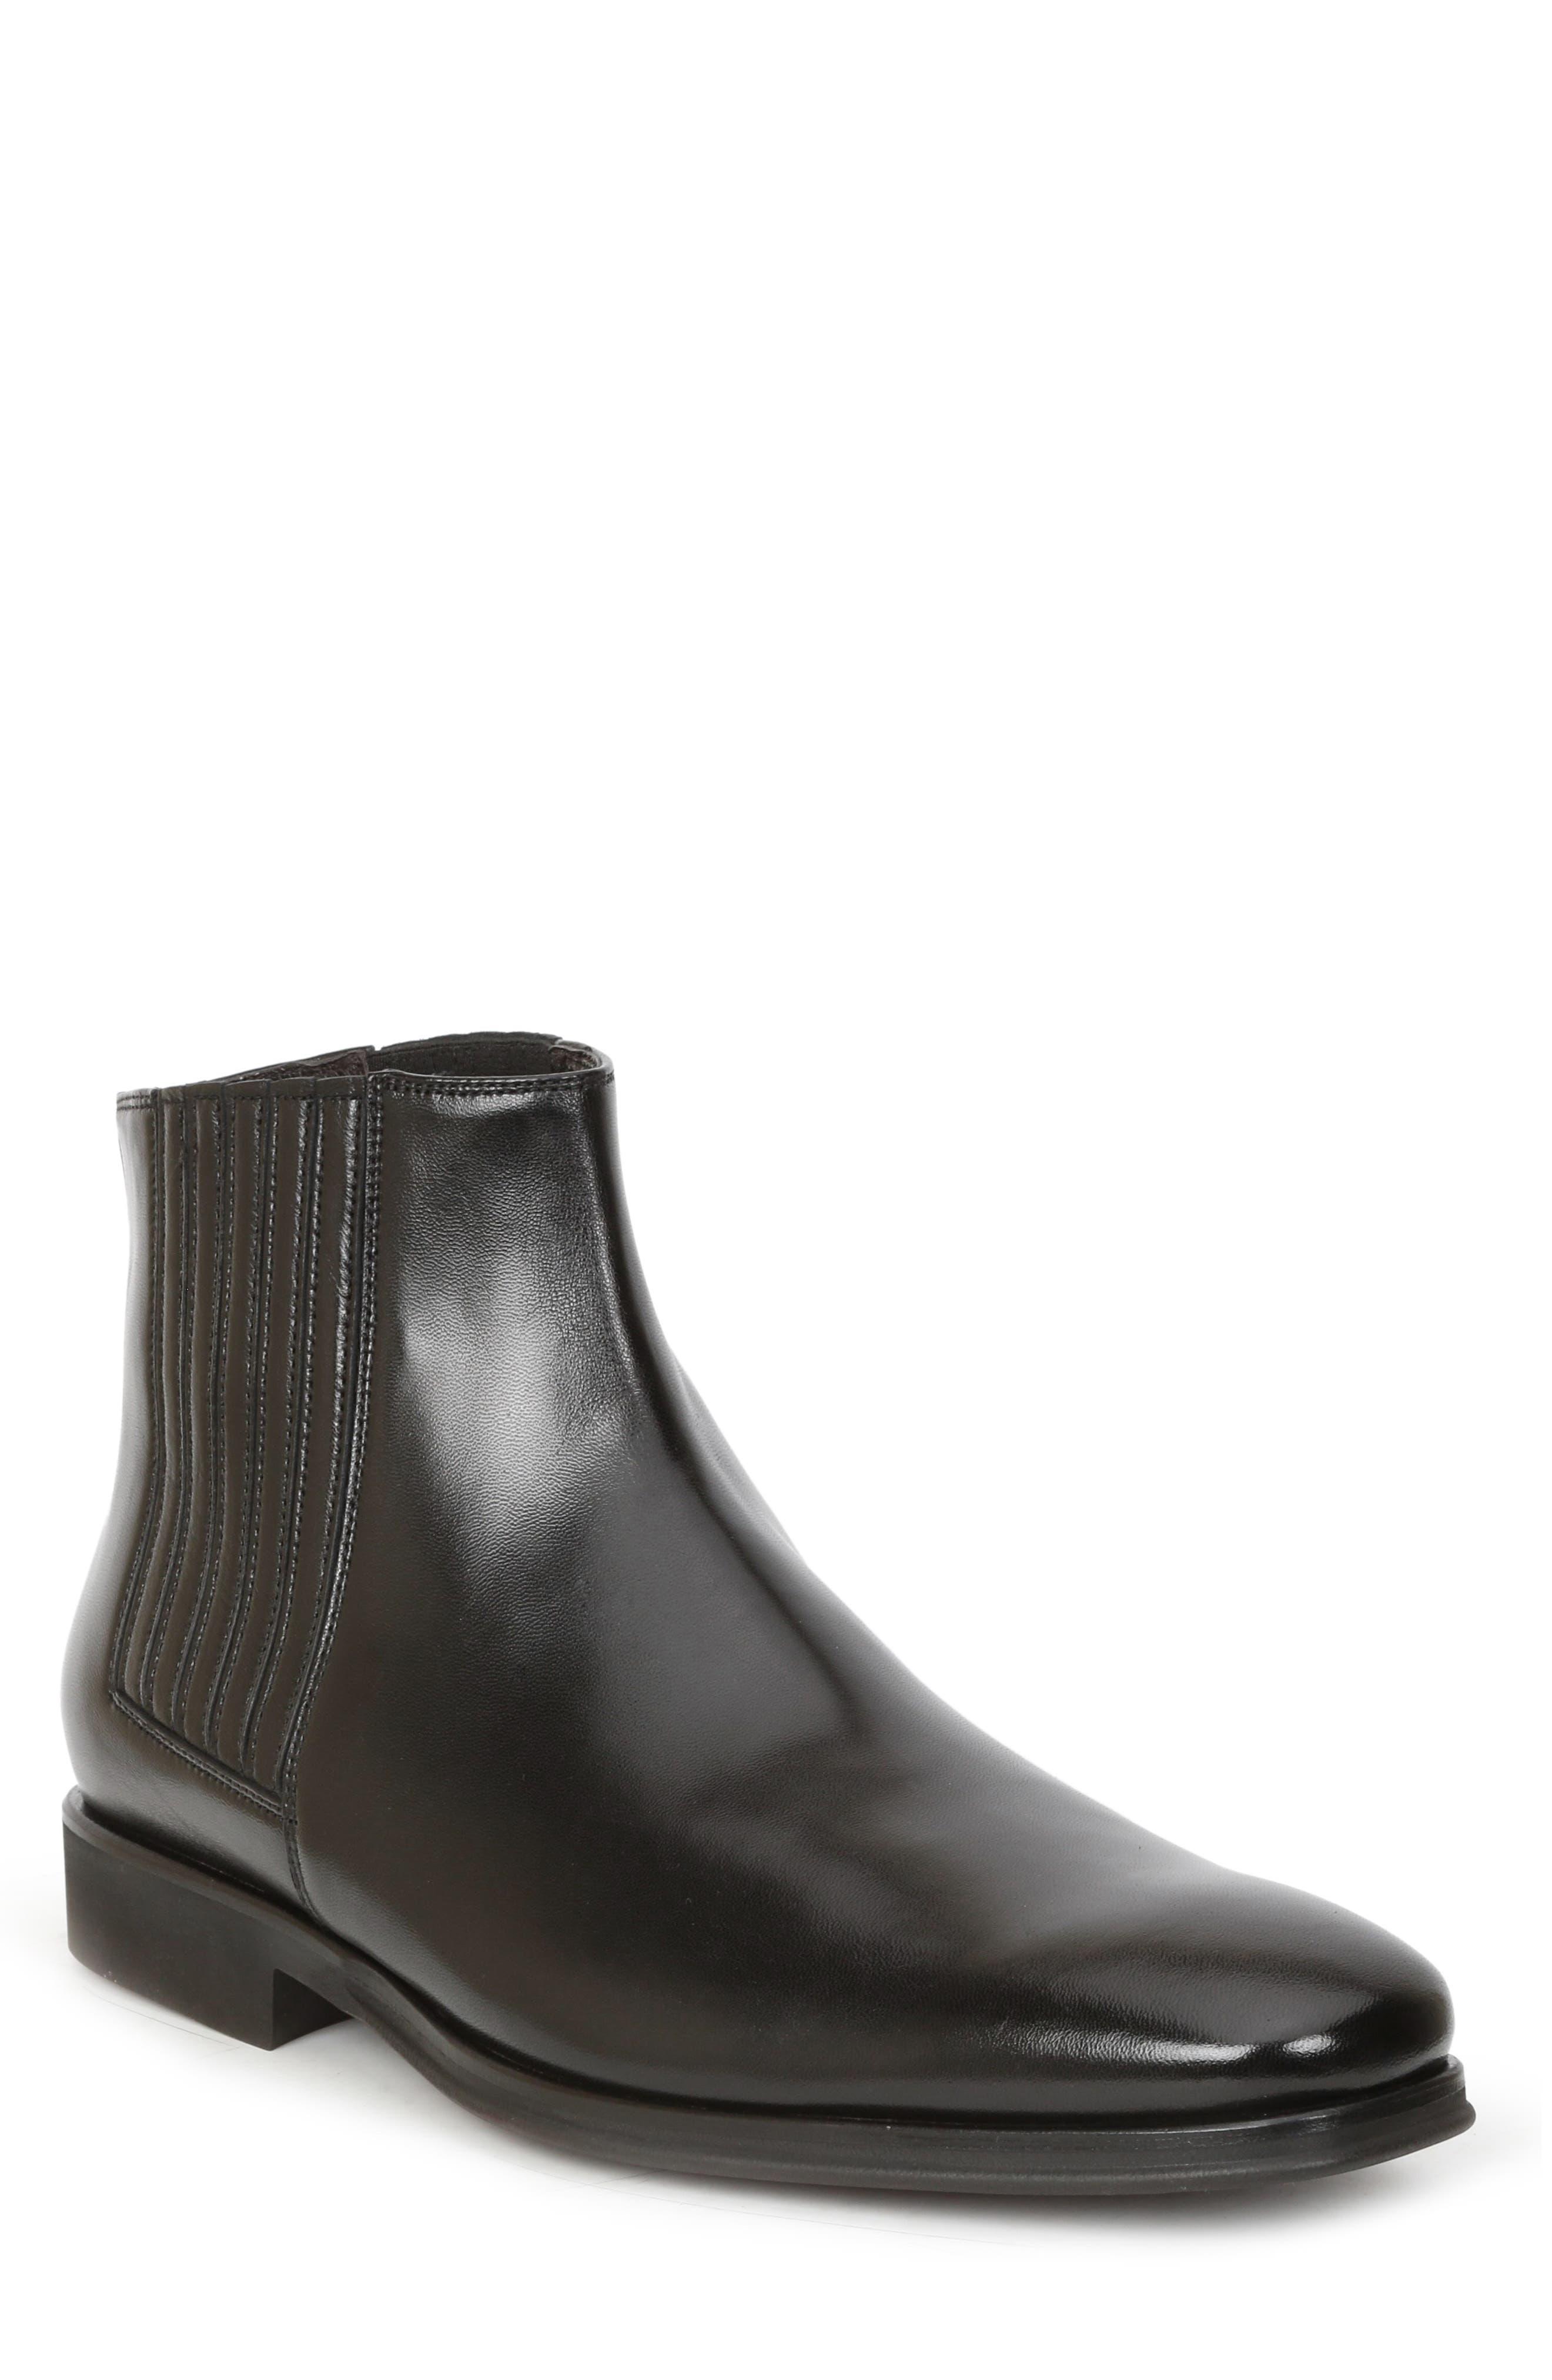 BRUNO MAGLI Rezzo Chelsea Boot, Main, color, BLACK